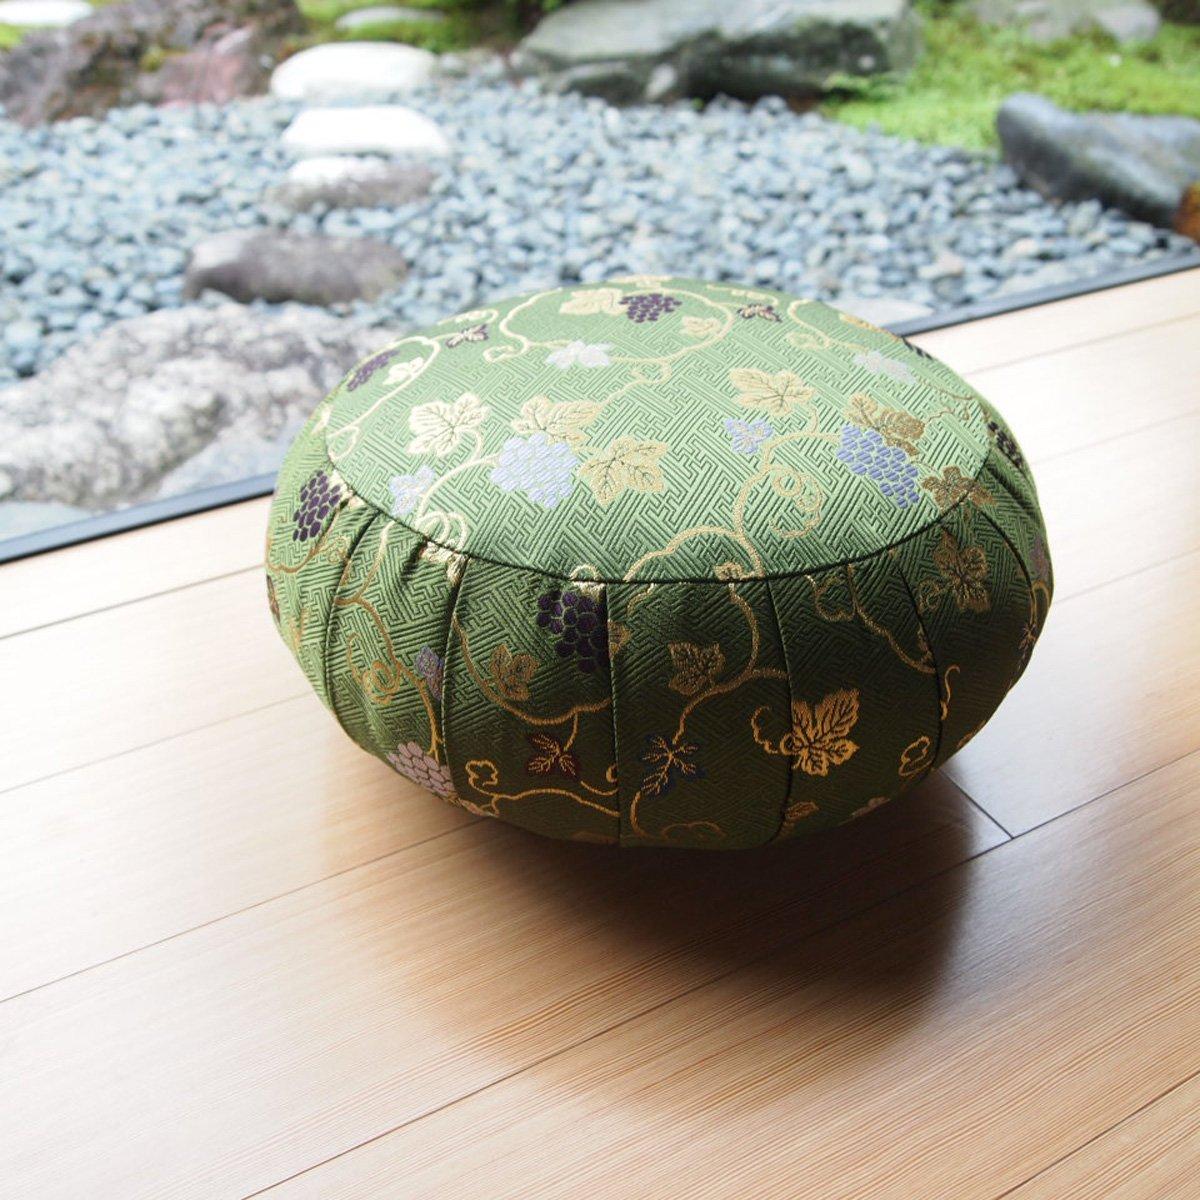 ヨガ座布団 yoga クッション(瞑想)座布座蒲座蒲座禅専用 座禅座布団 日本製 (33cm, 葡萄 みどり) B074D56B3G 33cm|葡萄 みどり 葡萄 みどり 33cm